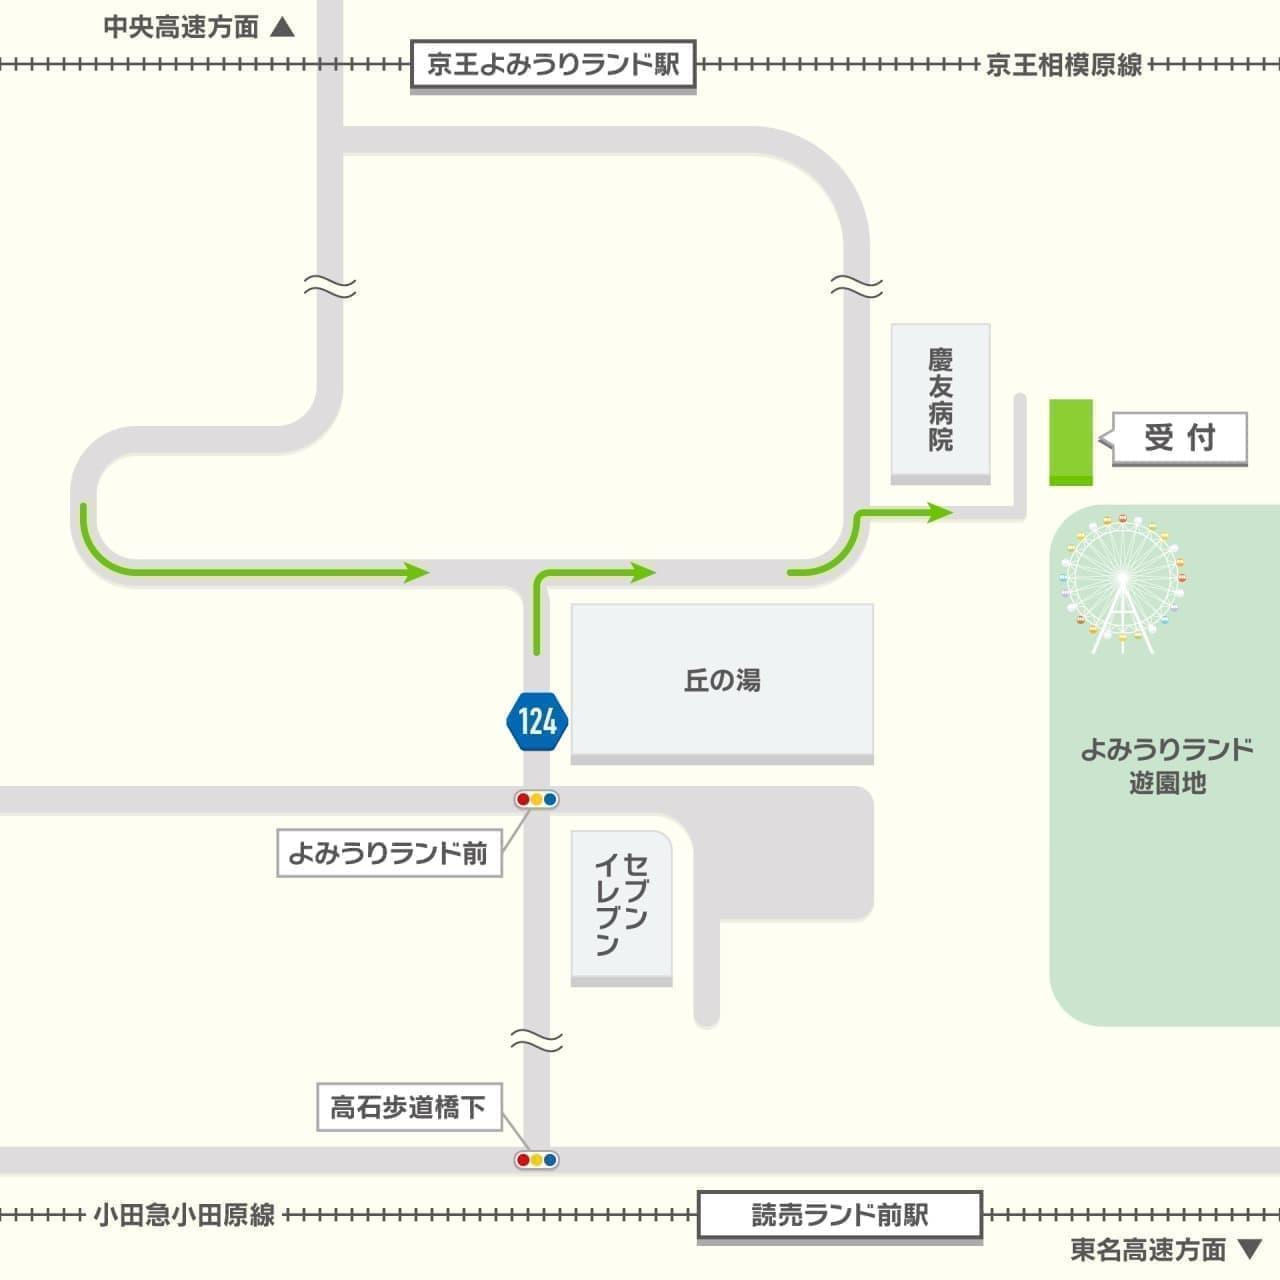 よみうりランドにキャンピングカーで一泊!「RVパーク東京 よみうりランド」7月19日オープン